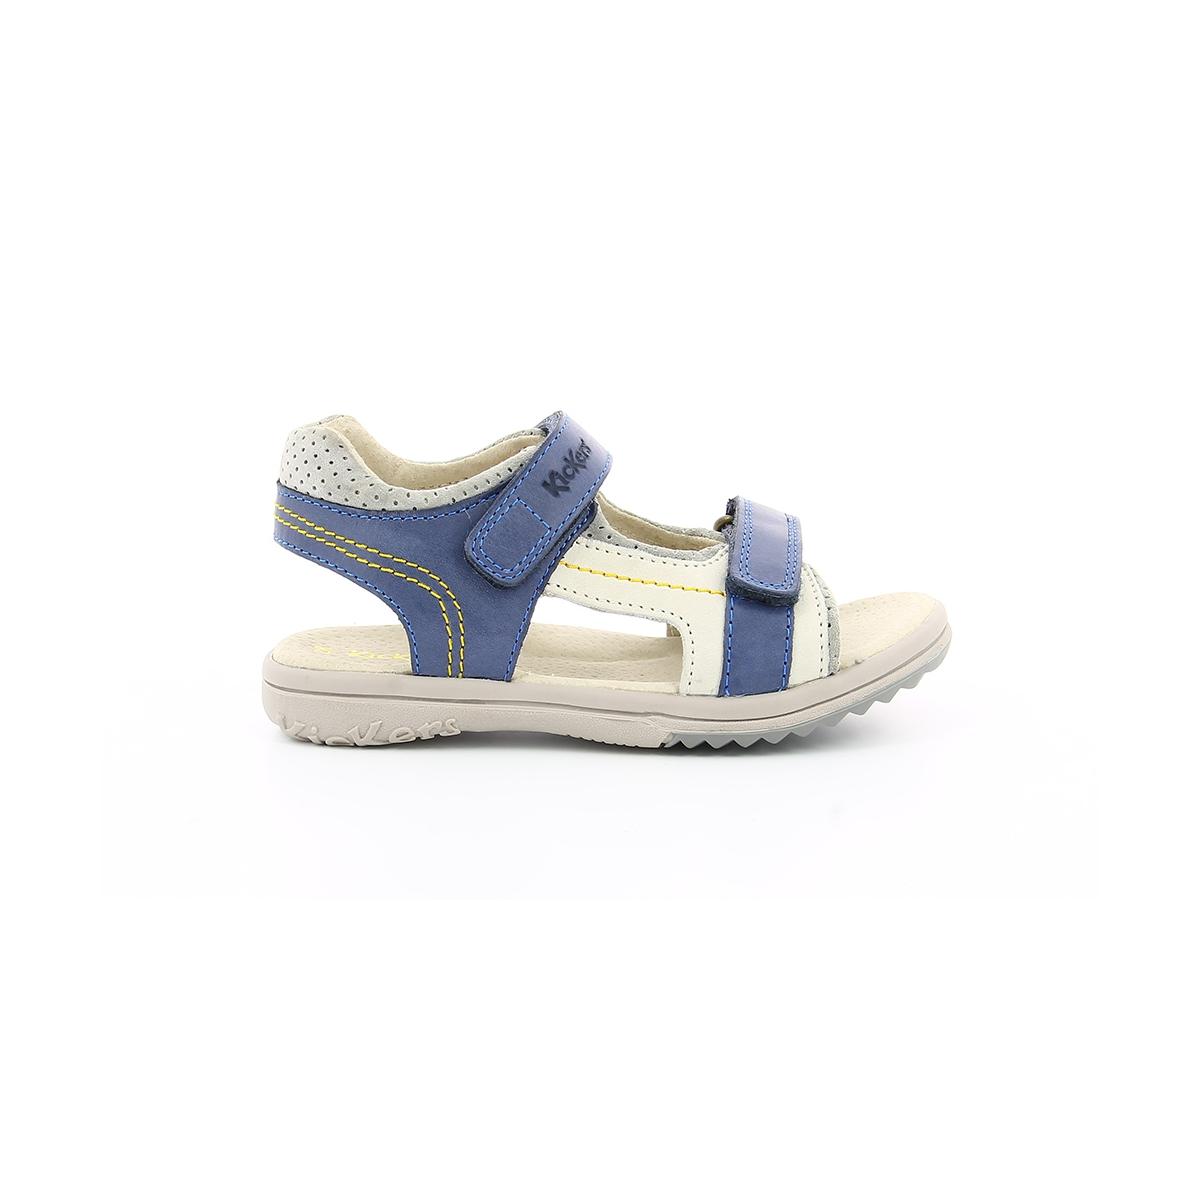 Kickers Enfant Platino Chaussures Fyb76g Marine Gris 4RALcq35j